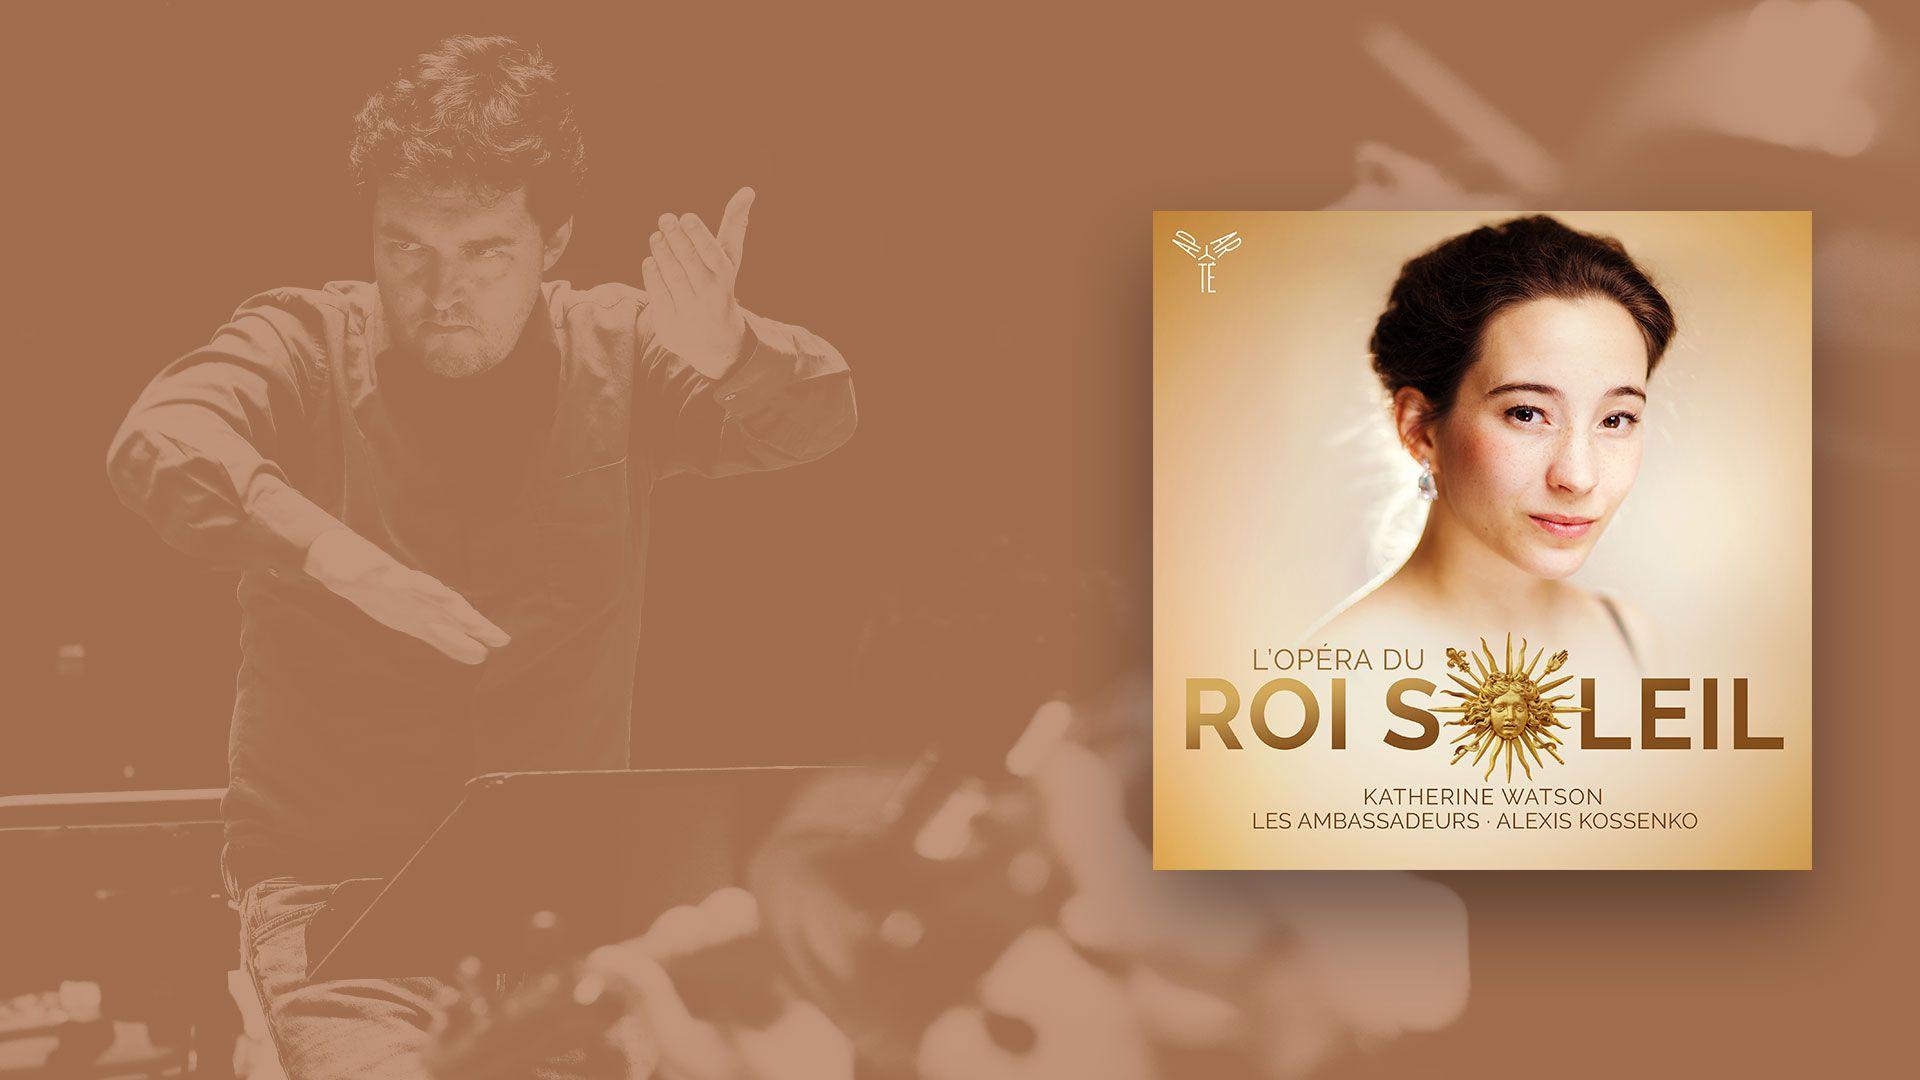 Sortie CD : L'Opéra du Roi Soleil